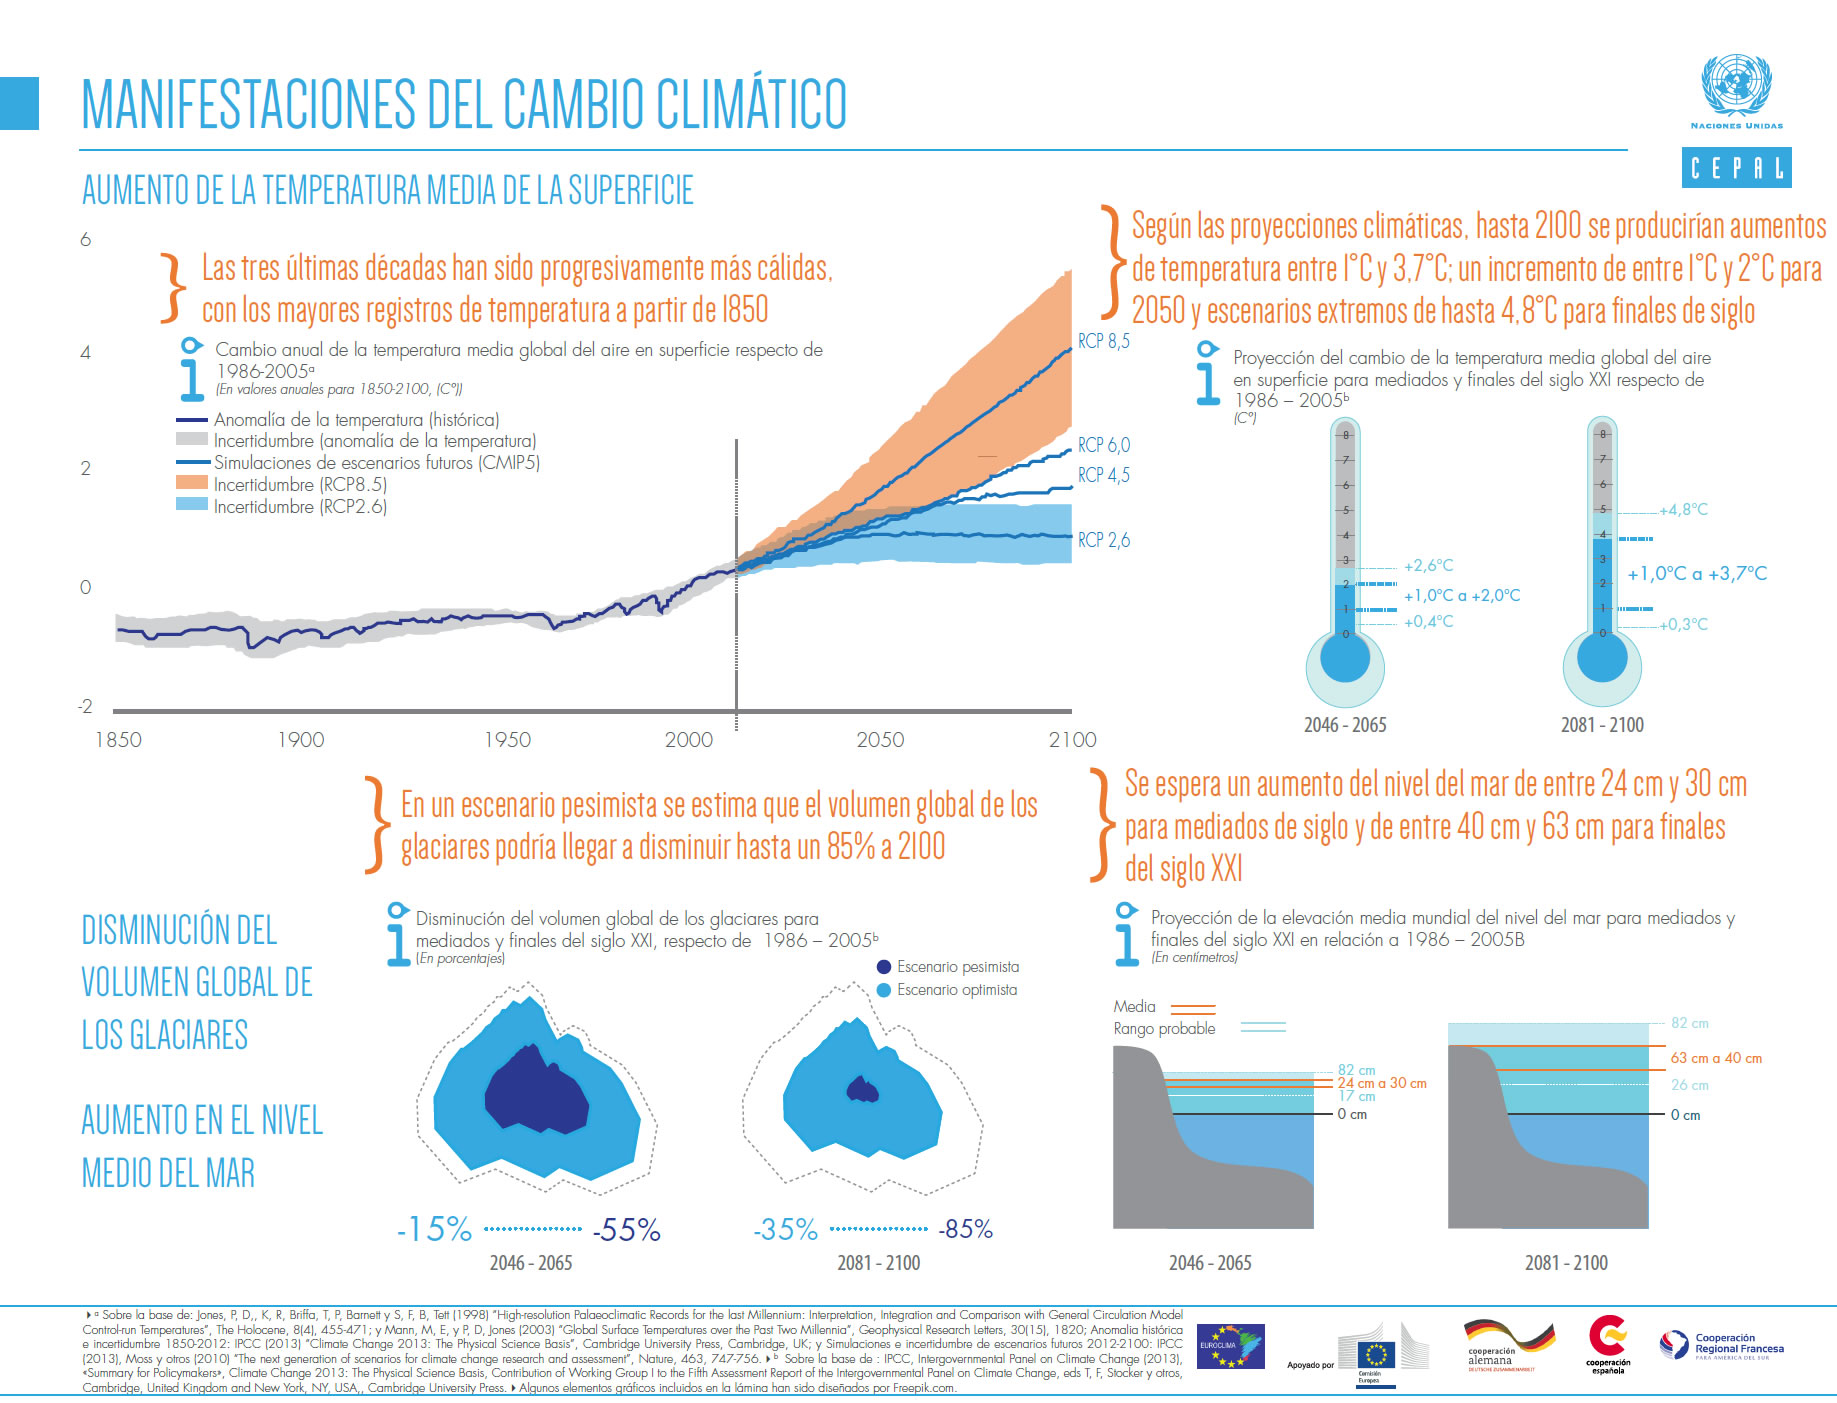 infografia cambio climatico CEPAL manifestaciones del cambio climatico